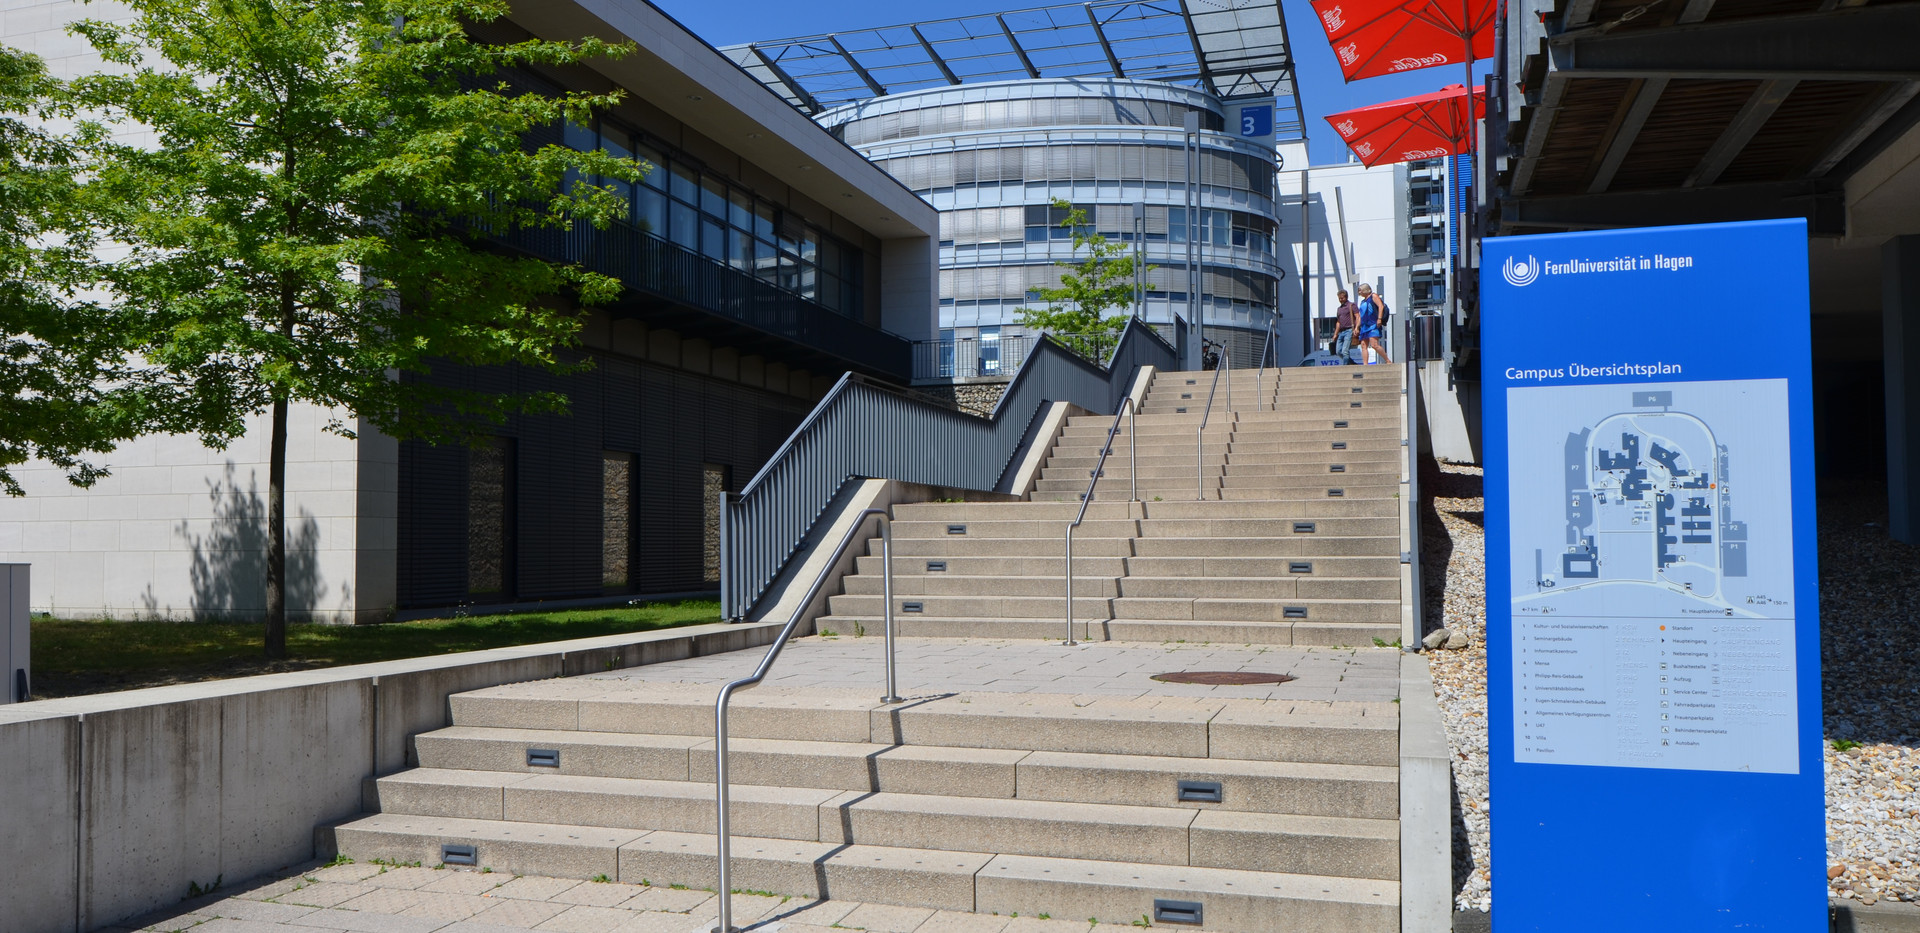 FernUniversität in Hagen